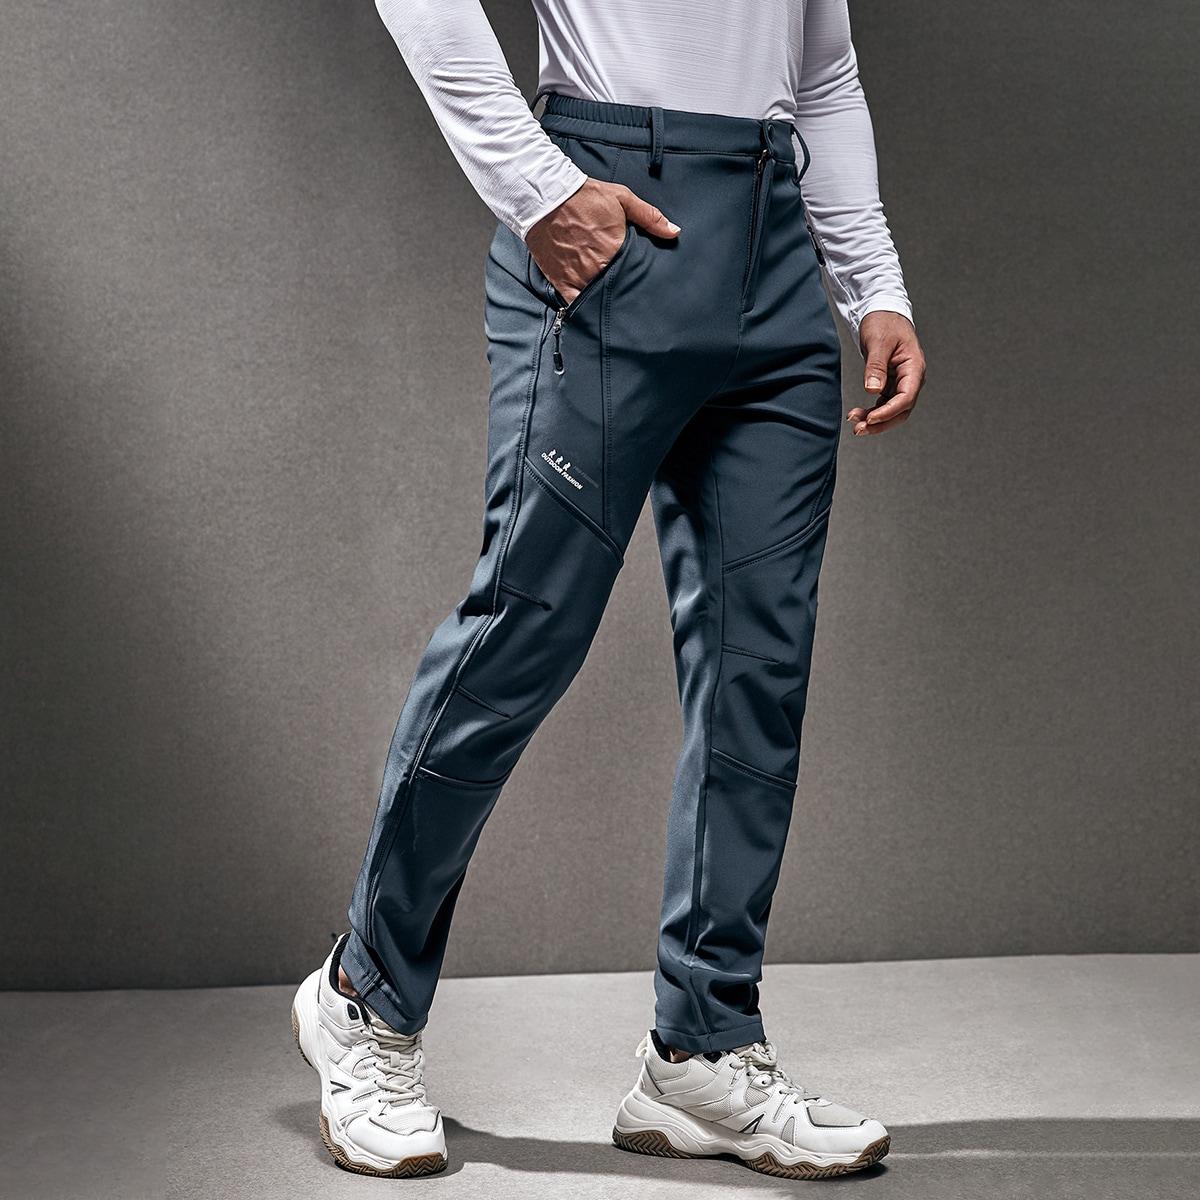 Мужские спортивные штаны на молнии с монограммой